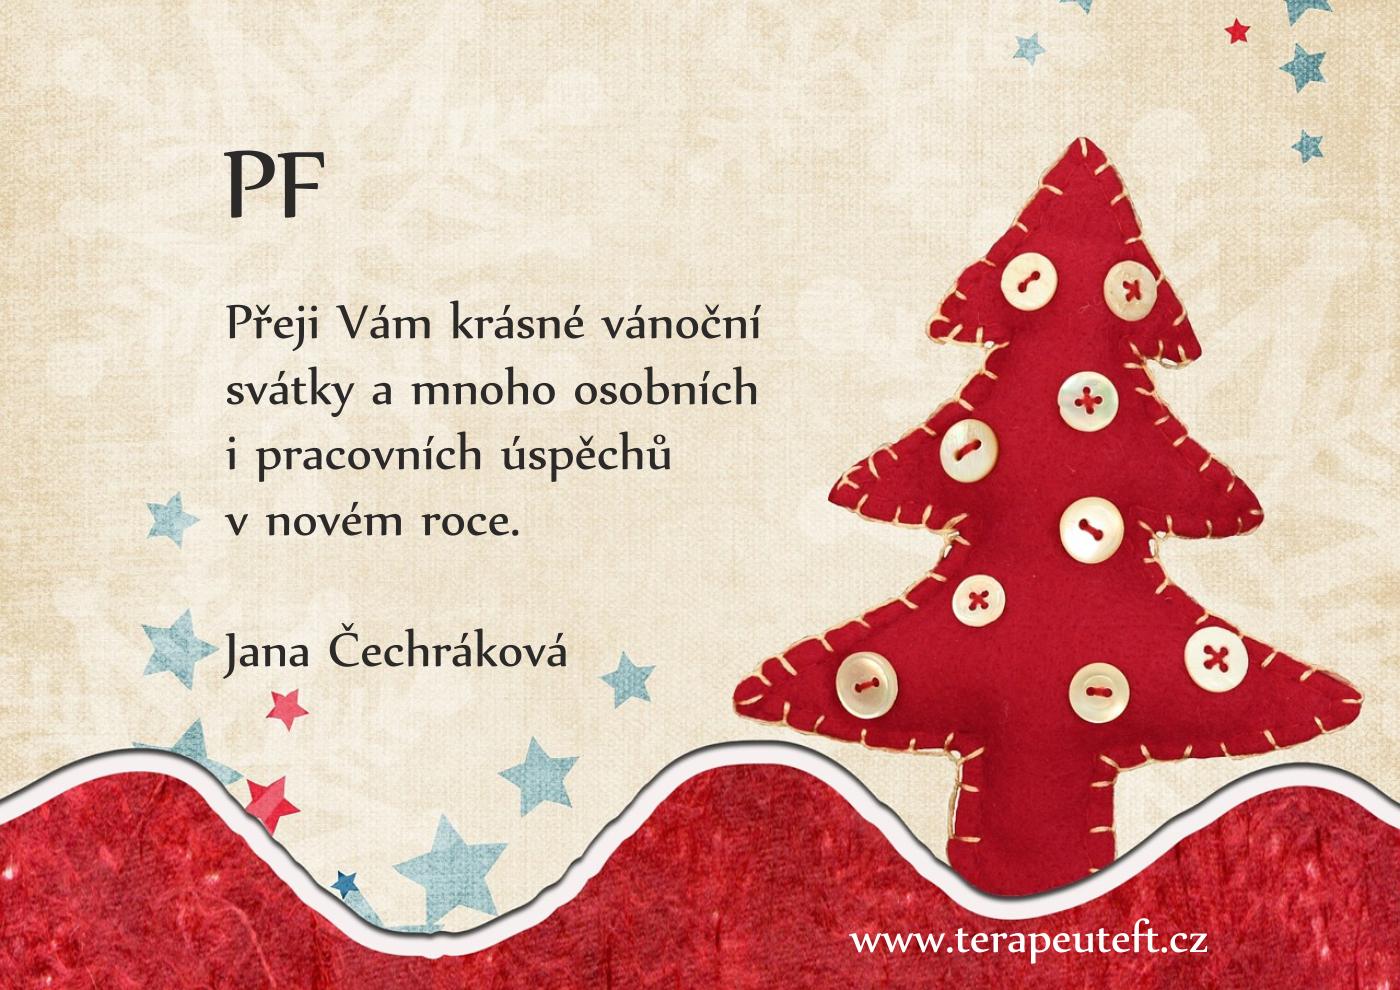 PF 2021 Jana Čechráková